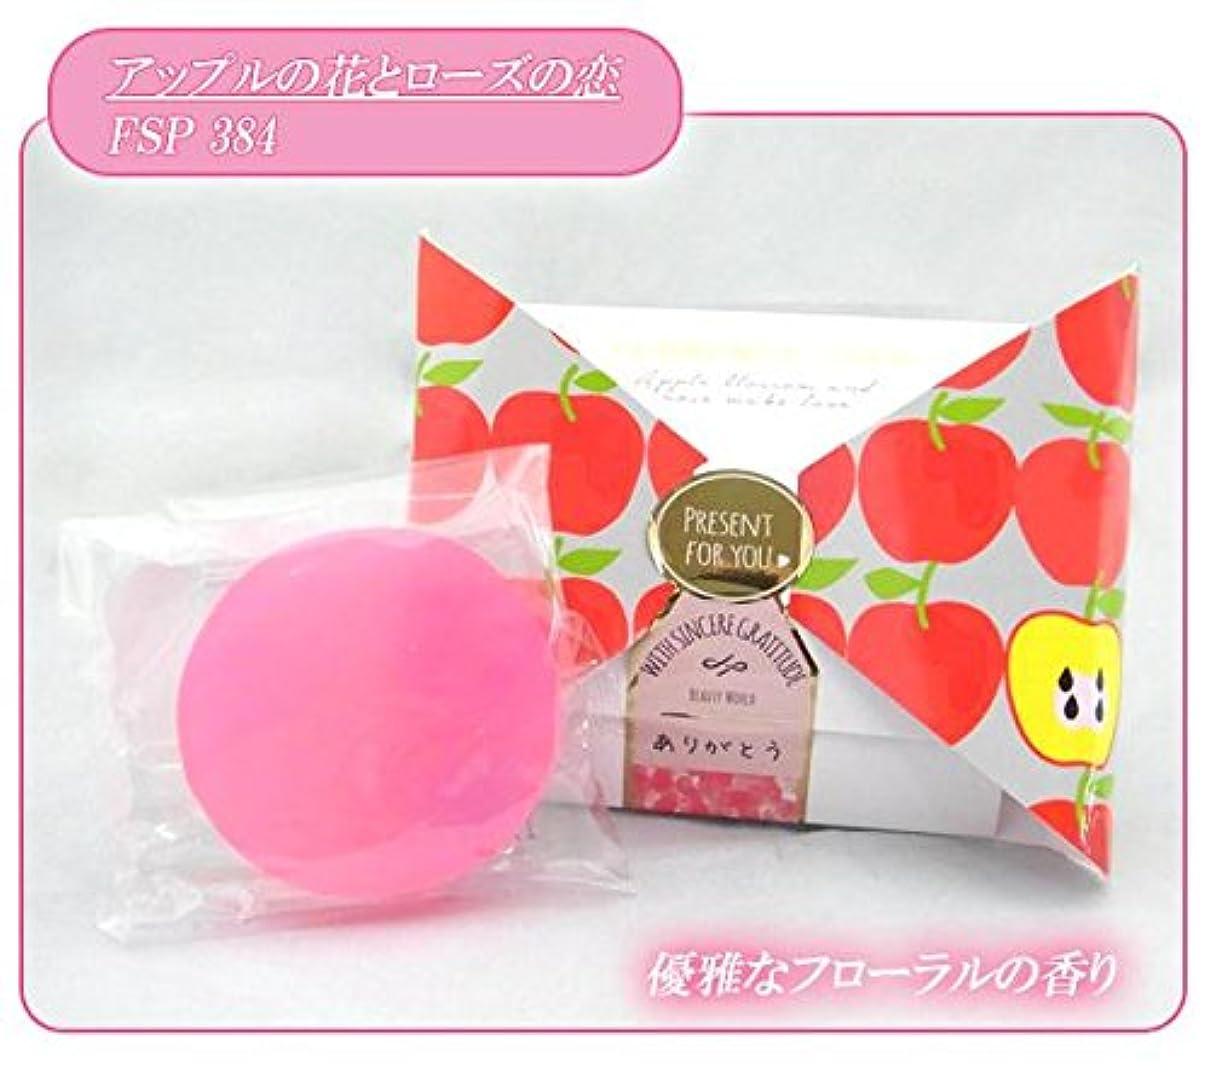 急流長さホームレスビューティーワールド BWフローレンスの香り石けん リボンパッケージ 6個セット アップルの花とローズの恋